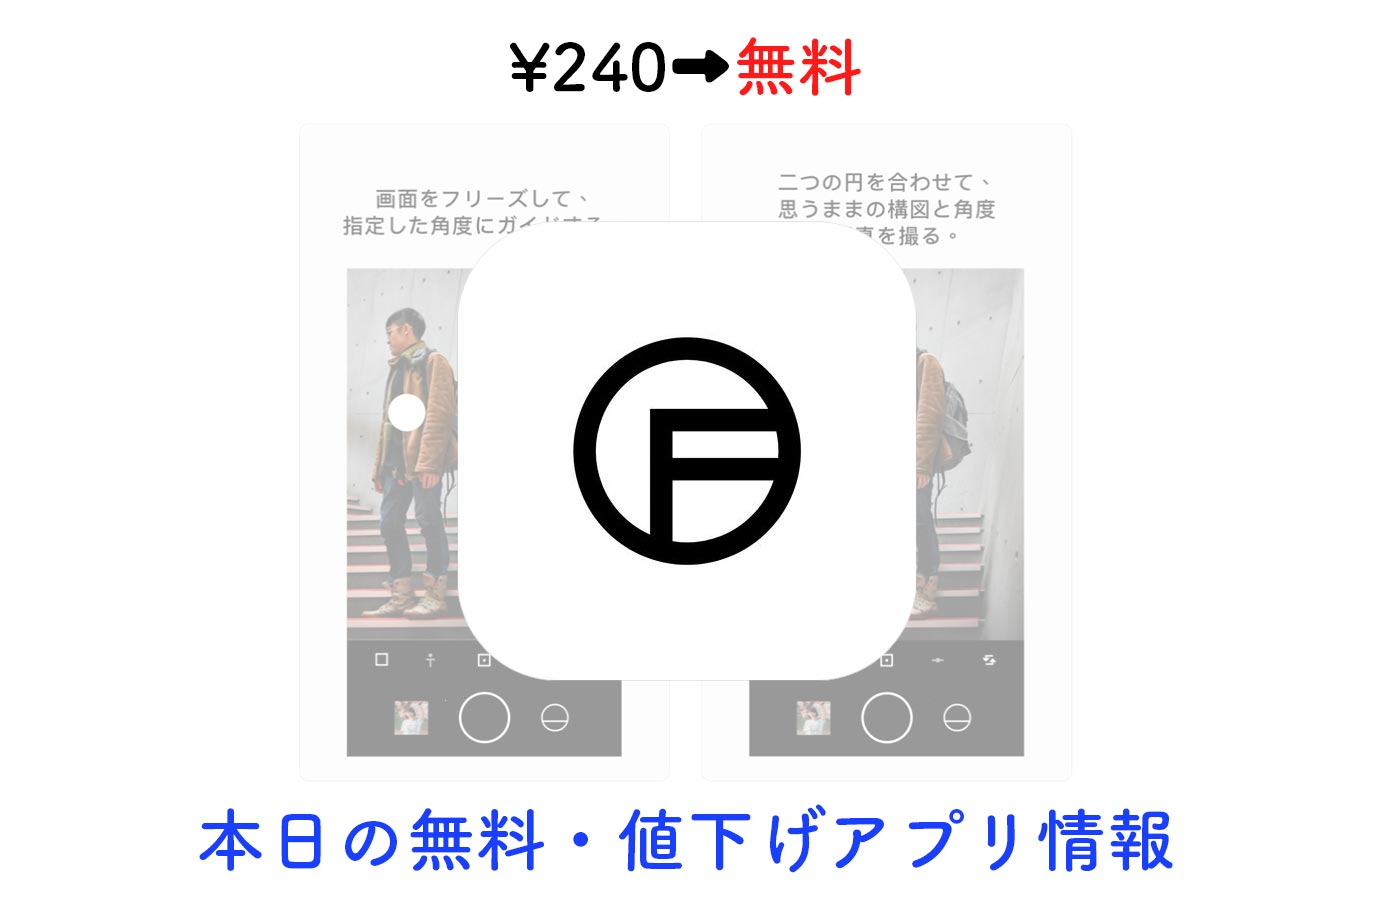 ¥240→無料、写真撮影の時に構図を表示してくれる「Frismo」など【1/29】本日の無料・値下げアプリ情報